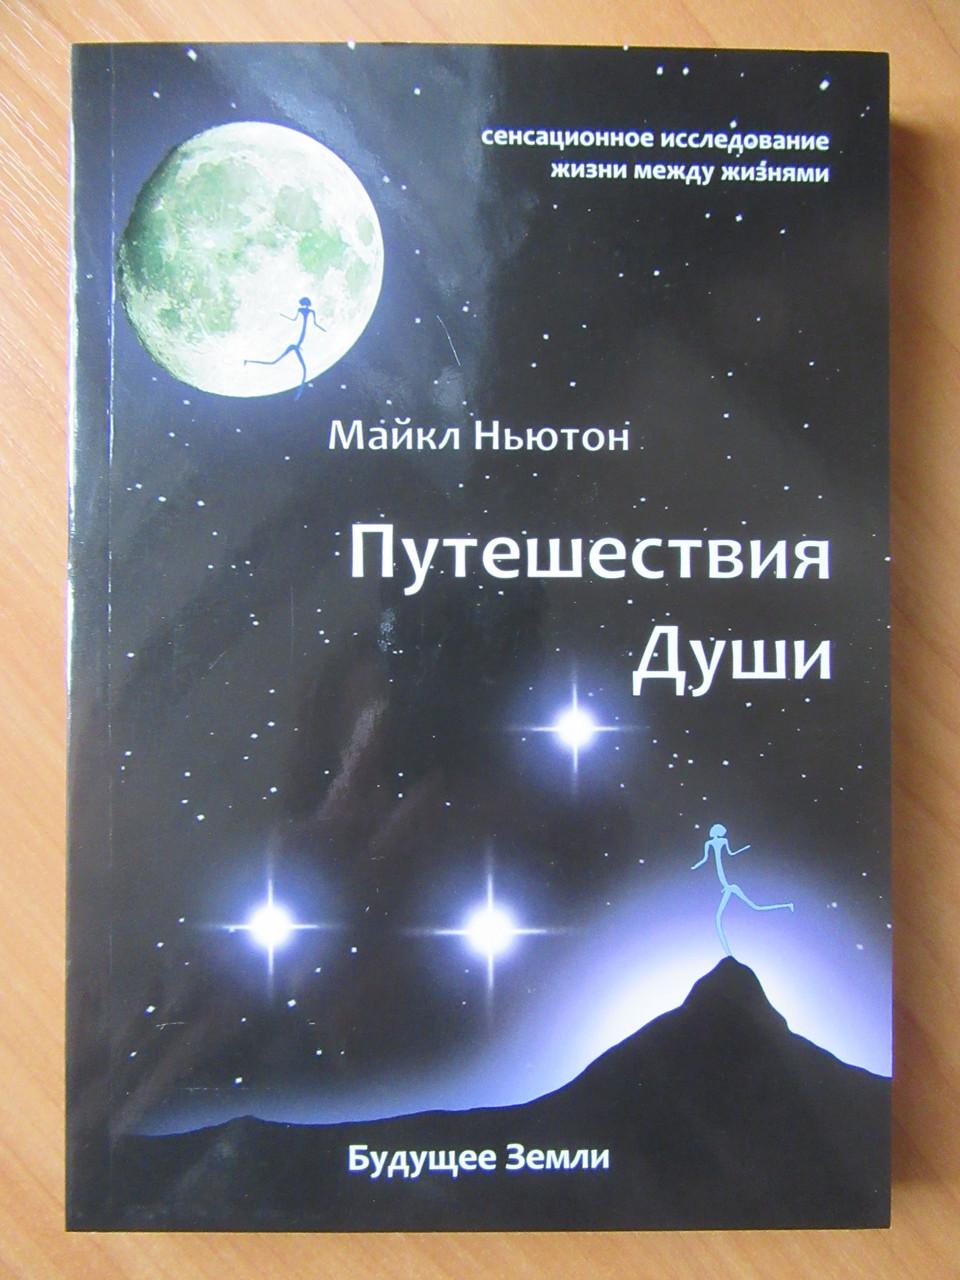 Майкл Ньютон. Путешествия души. Изучение жизни после жизни (белая бумага)